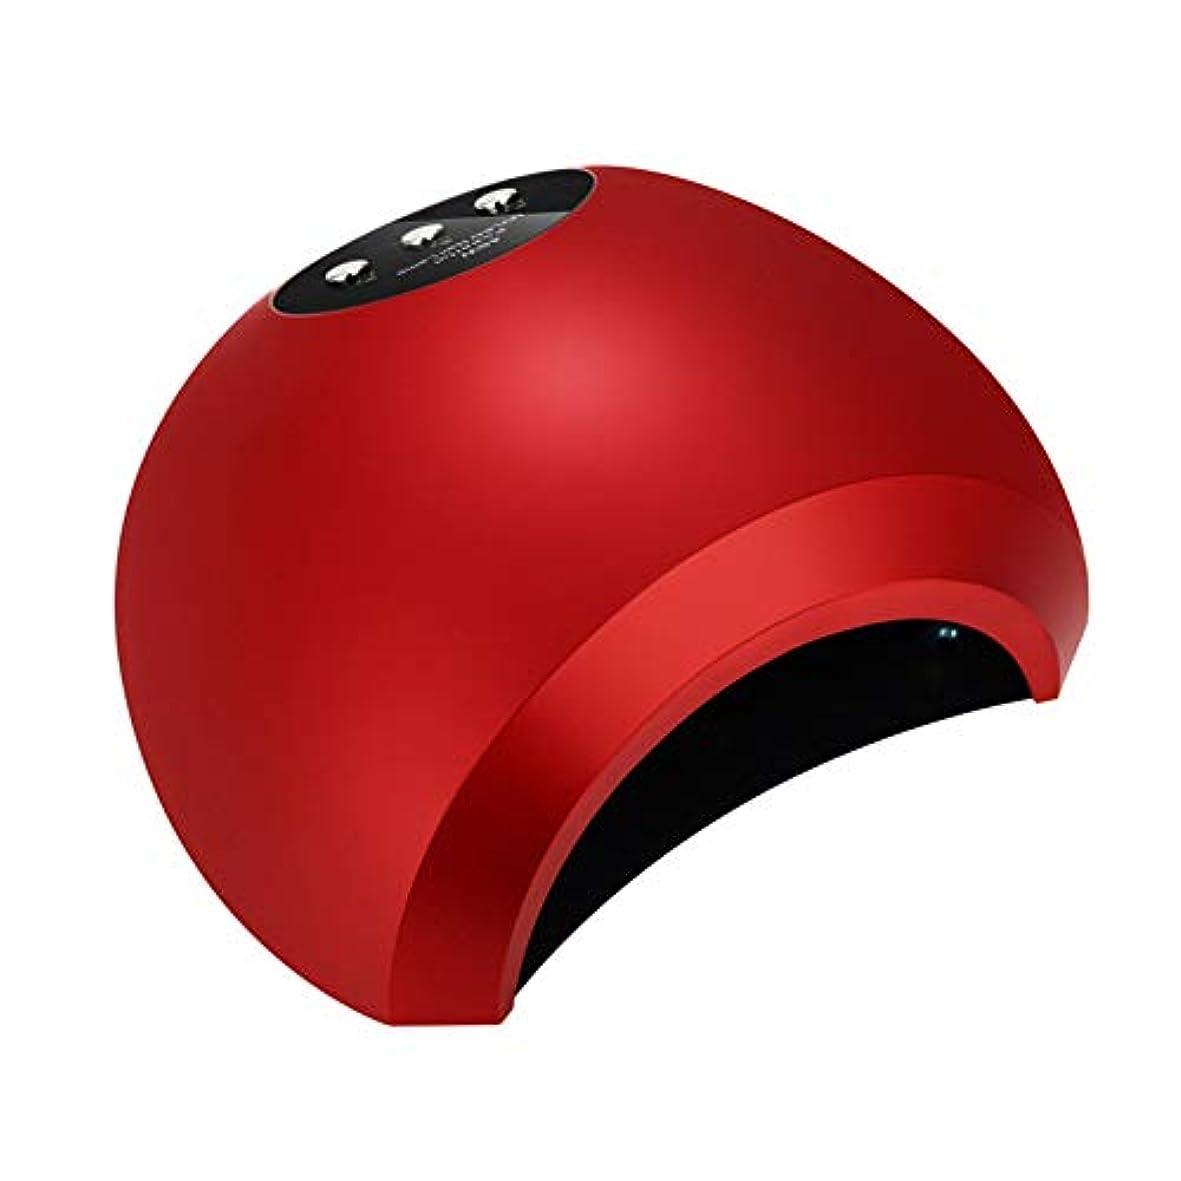 ヘビー聖なる抽象化LED UVネイルドライヤー48W 3モードプロフェッショナルLCDディスプレイ赤外線センシングジェルポリッシュランプ光硬化マニキュア機,赤